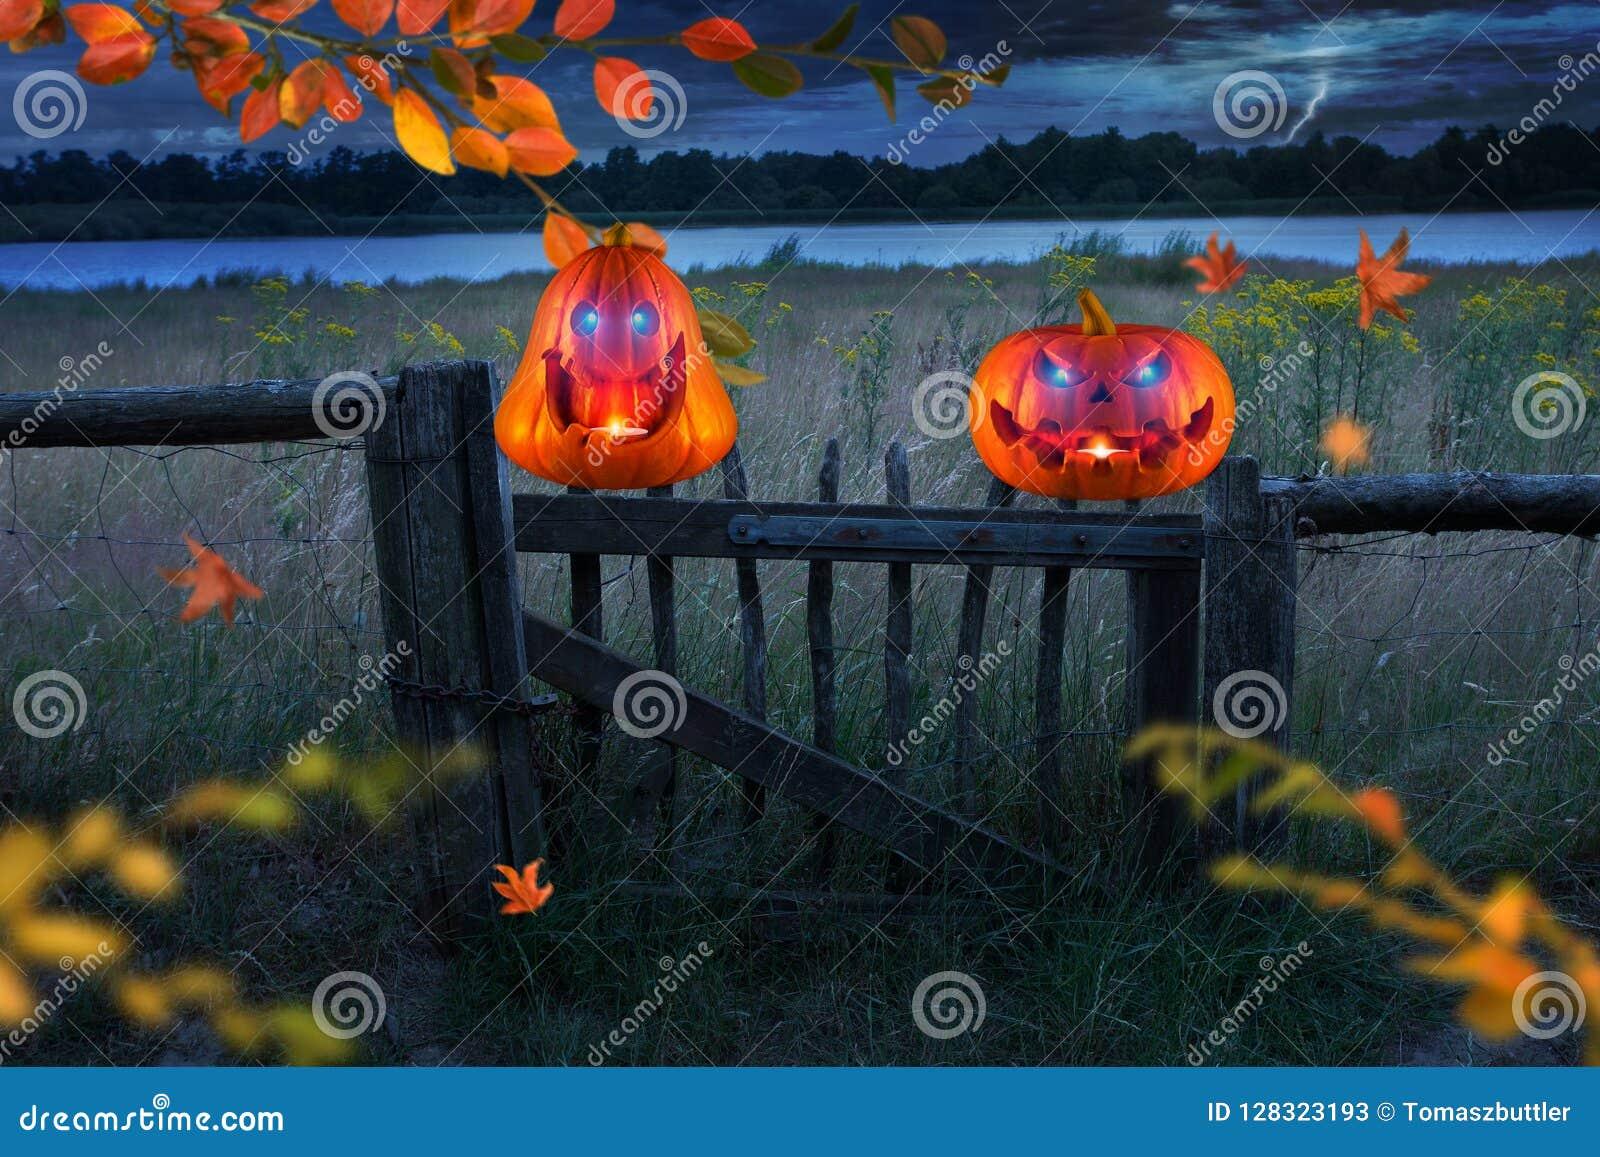 Twee grappige enge oranje pompoenen met gloeiende ogen op houten omheining bij Halloween-onweersbuinacht